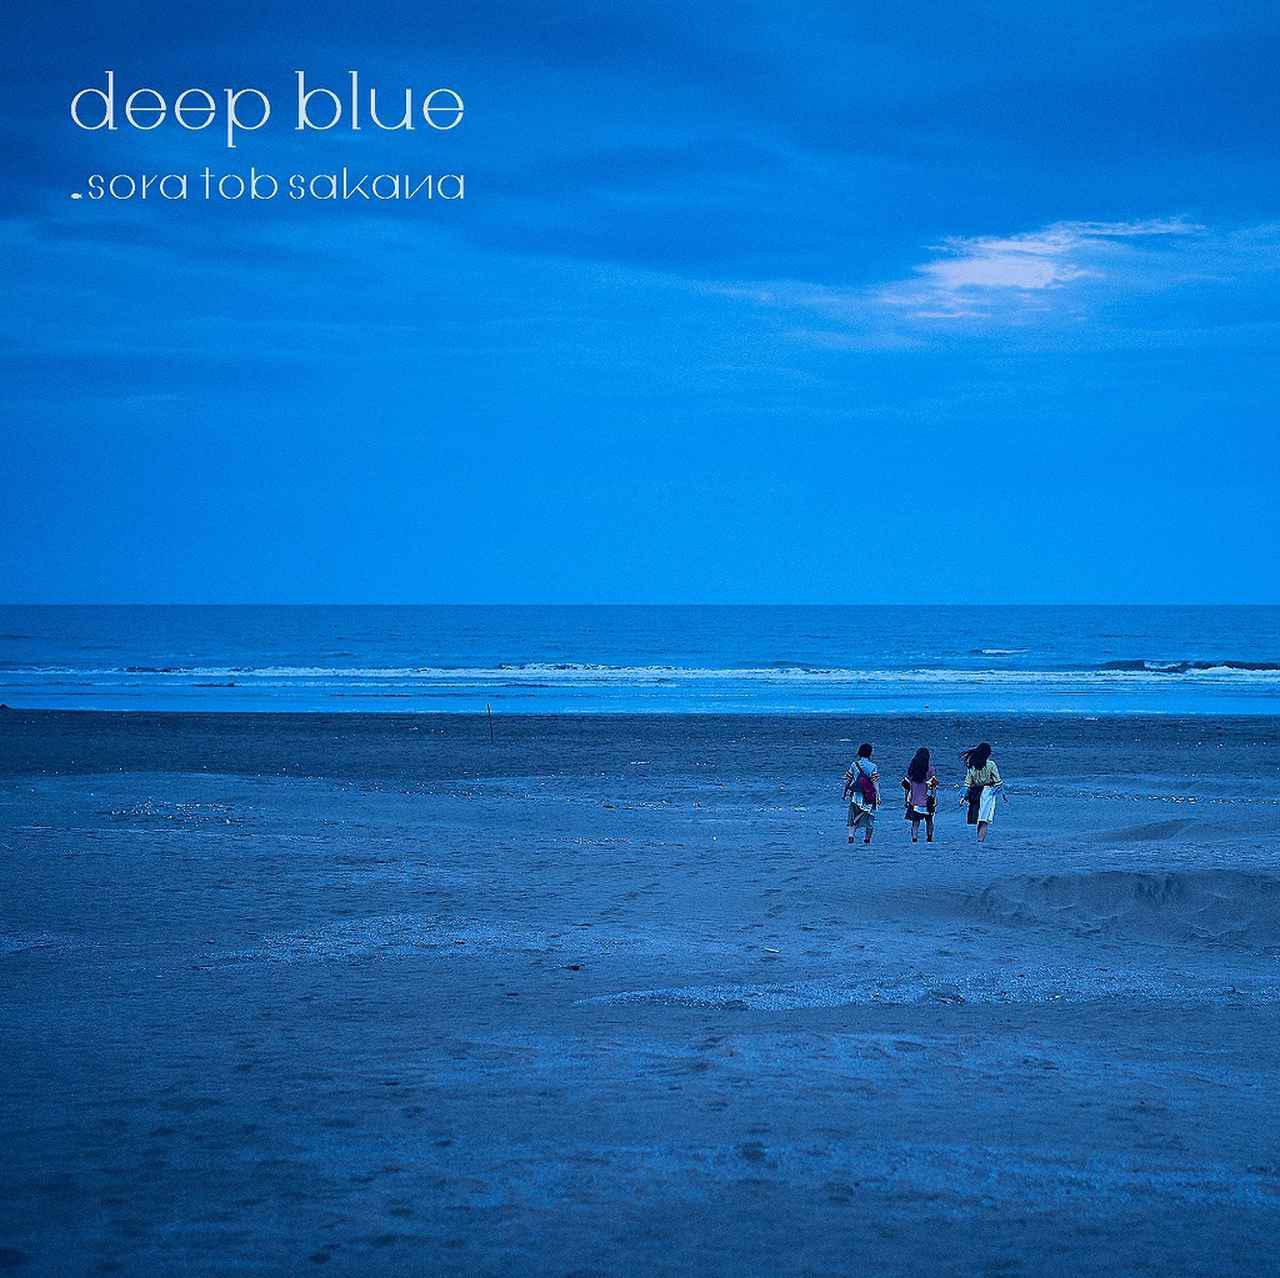 画像: deep blue / sora tob sakana